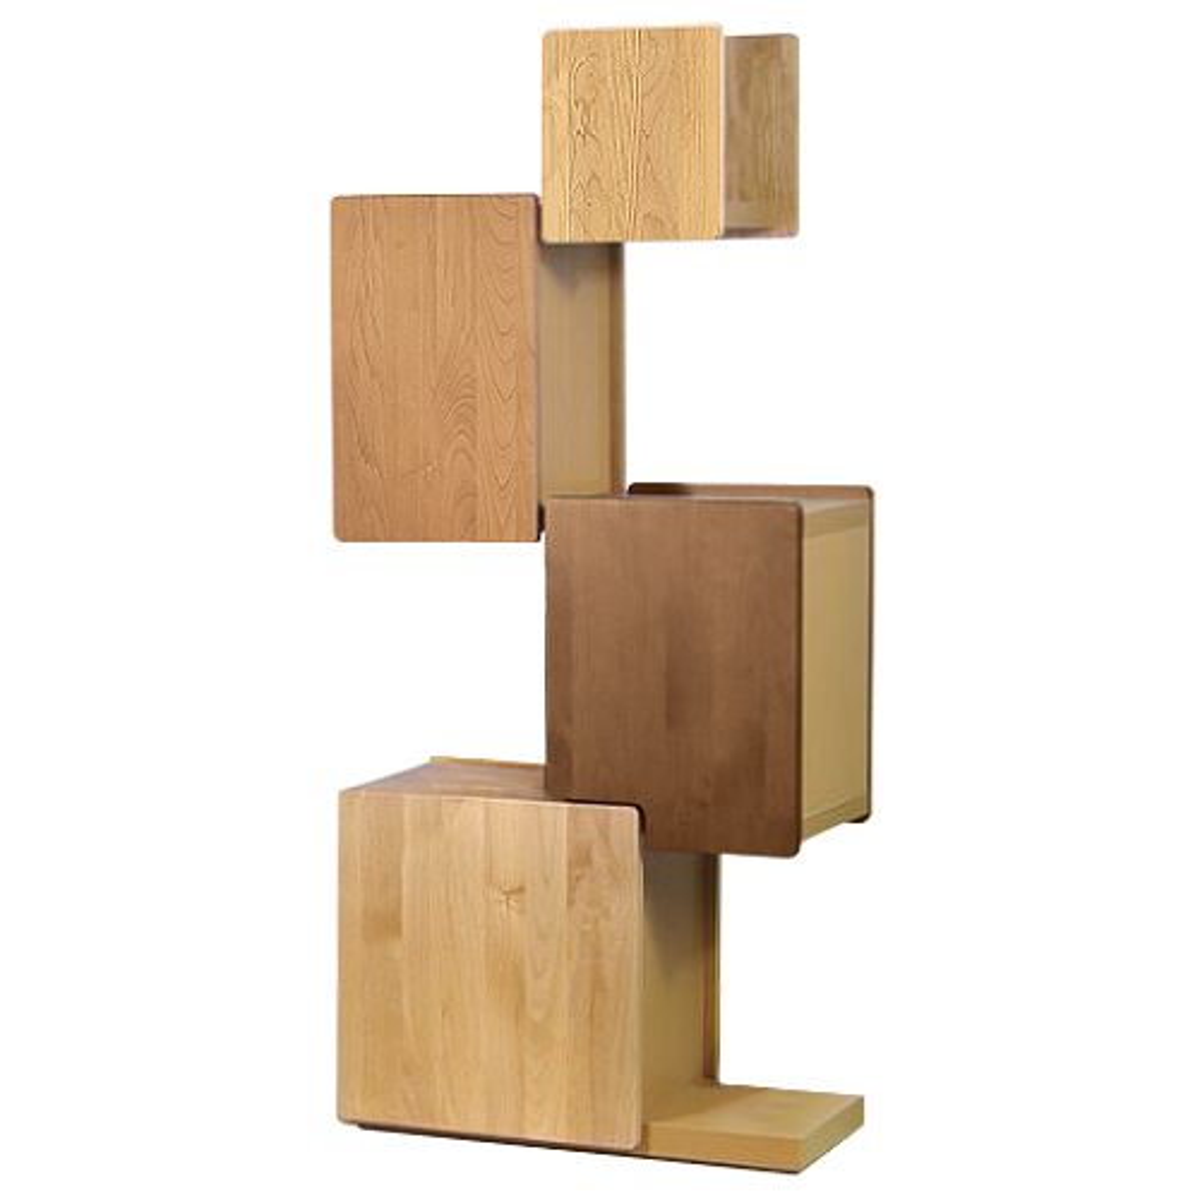 オスロ タワーシェルフ W600×D300×H1370mm グラデーション 収納棚 ディスプレイラック 木目 大川家具 オフィス家具